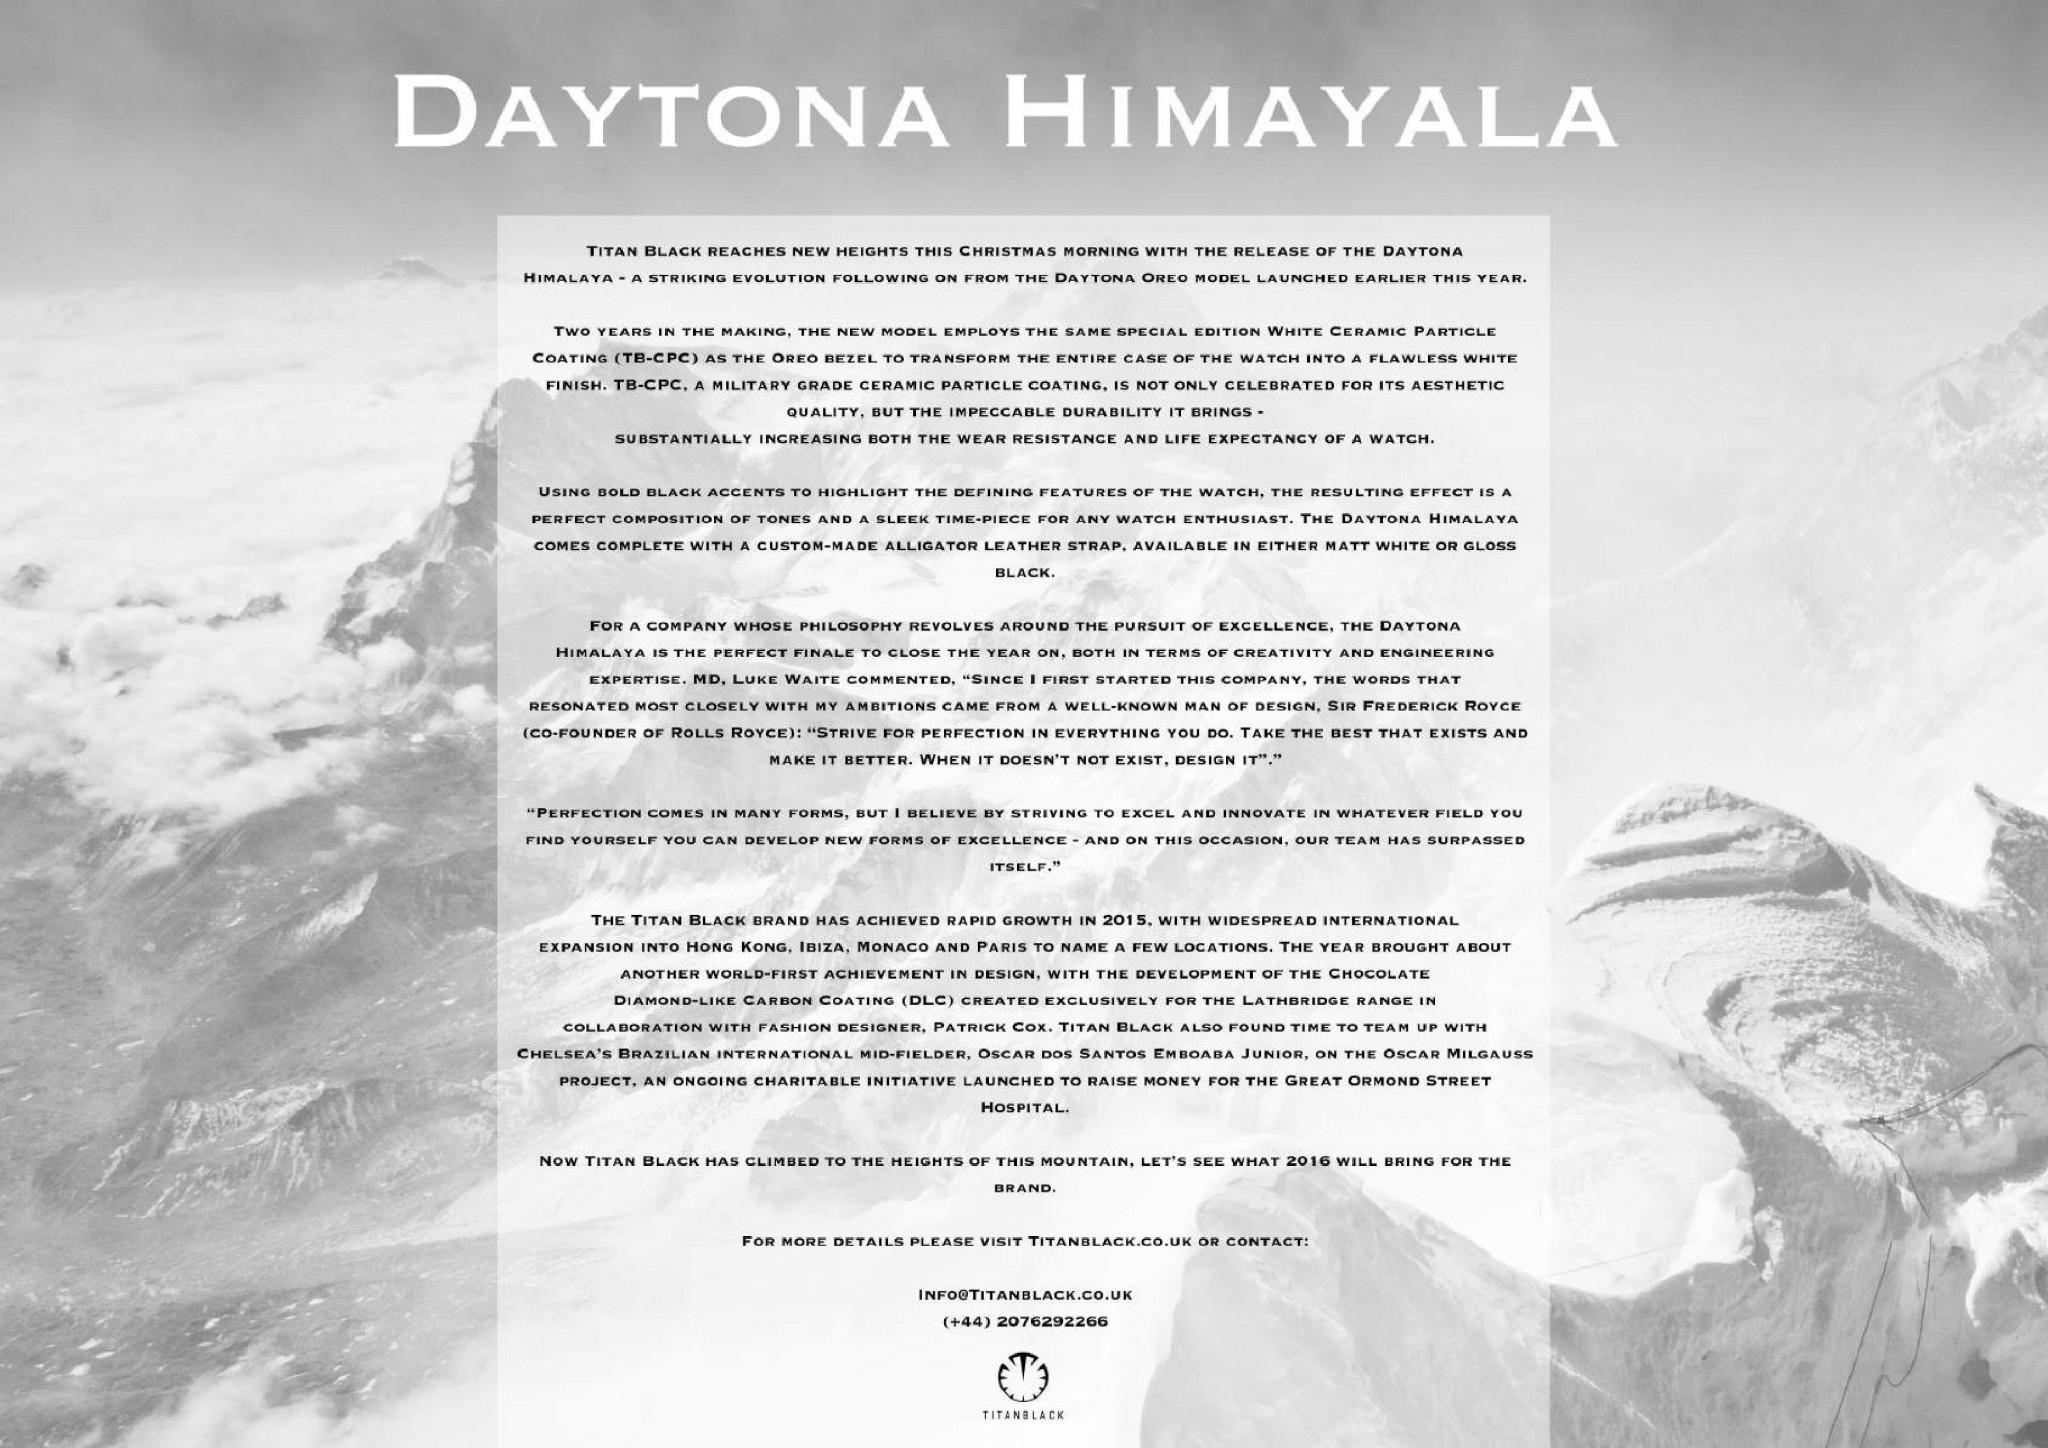 DAYTONA HIMALAYA